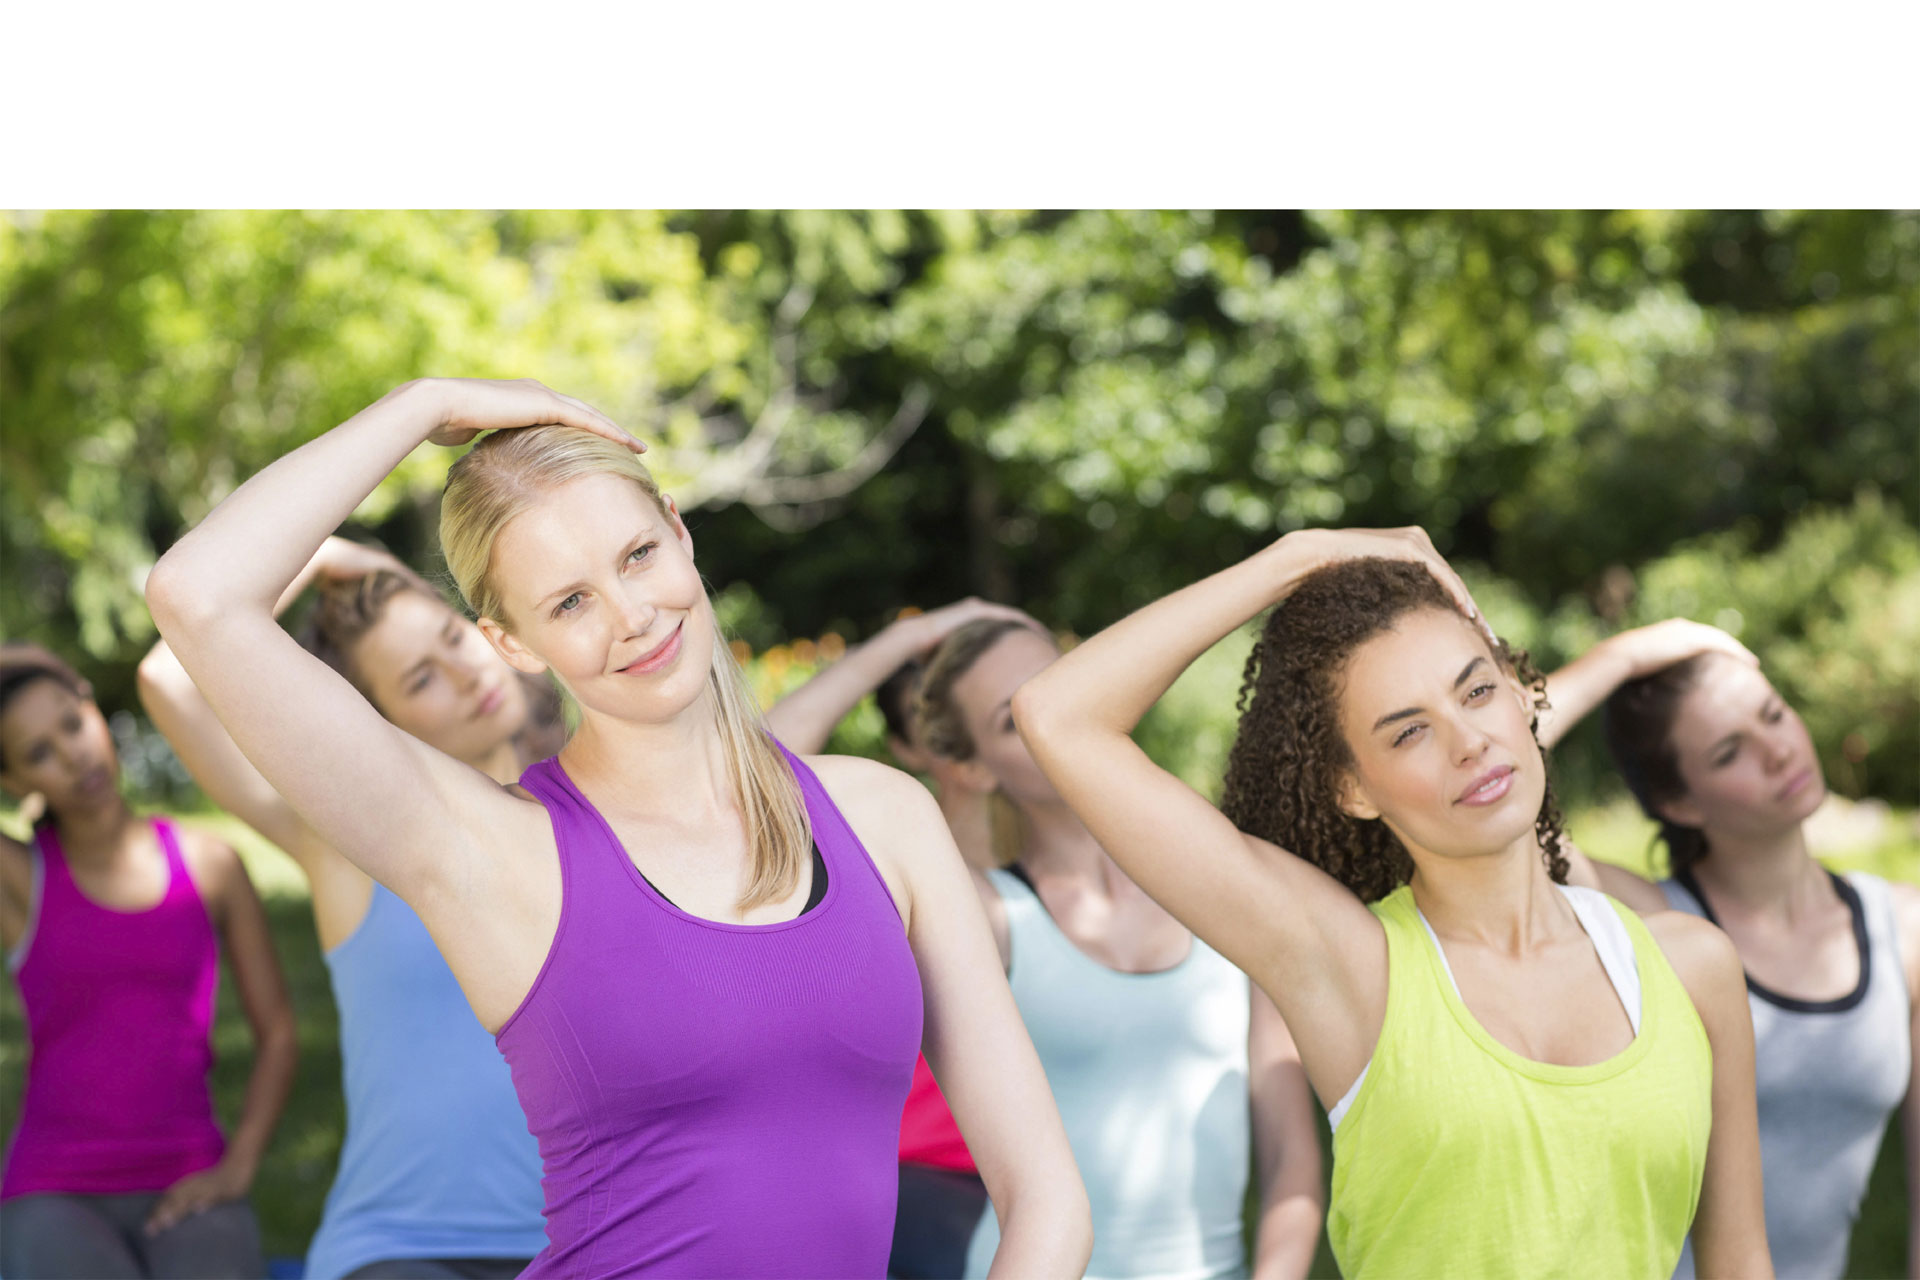 Realiza estos ejercicios para quitar cualquier molestia que tengas en la parte trasera del cuerpo, especialmente en la superior